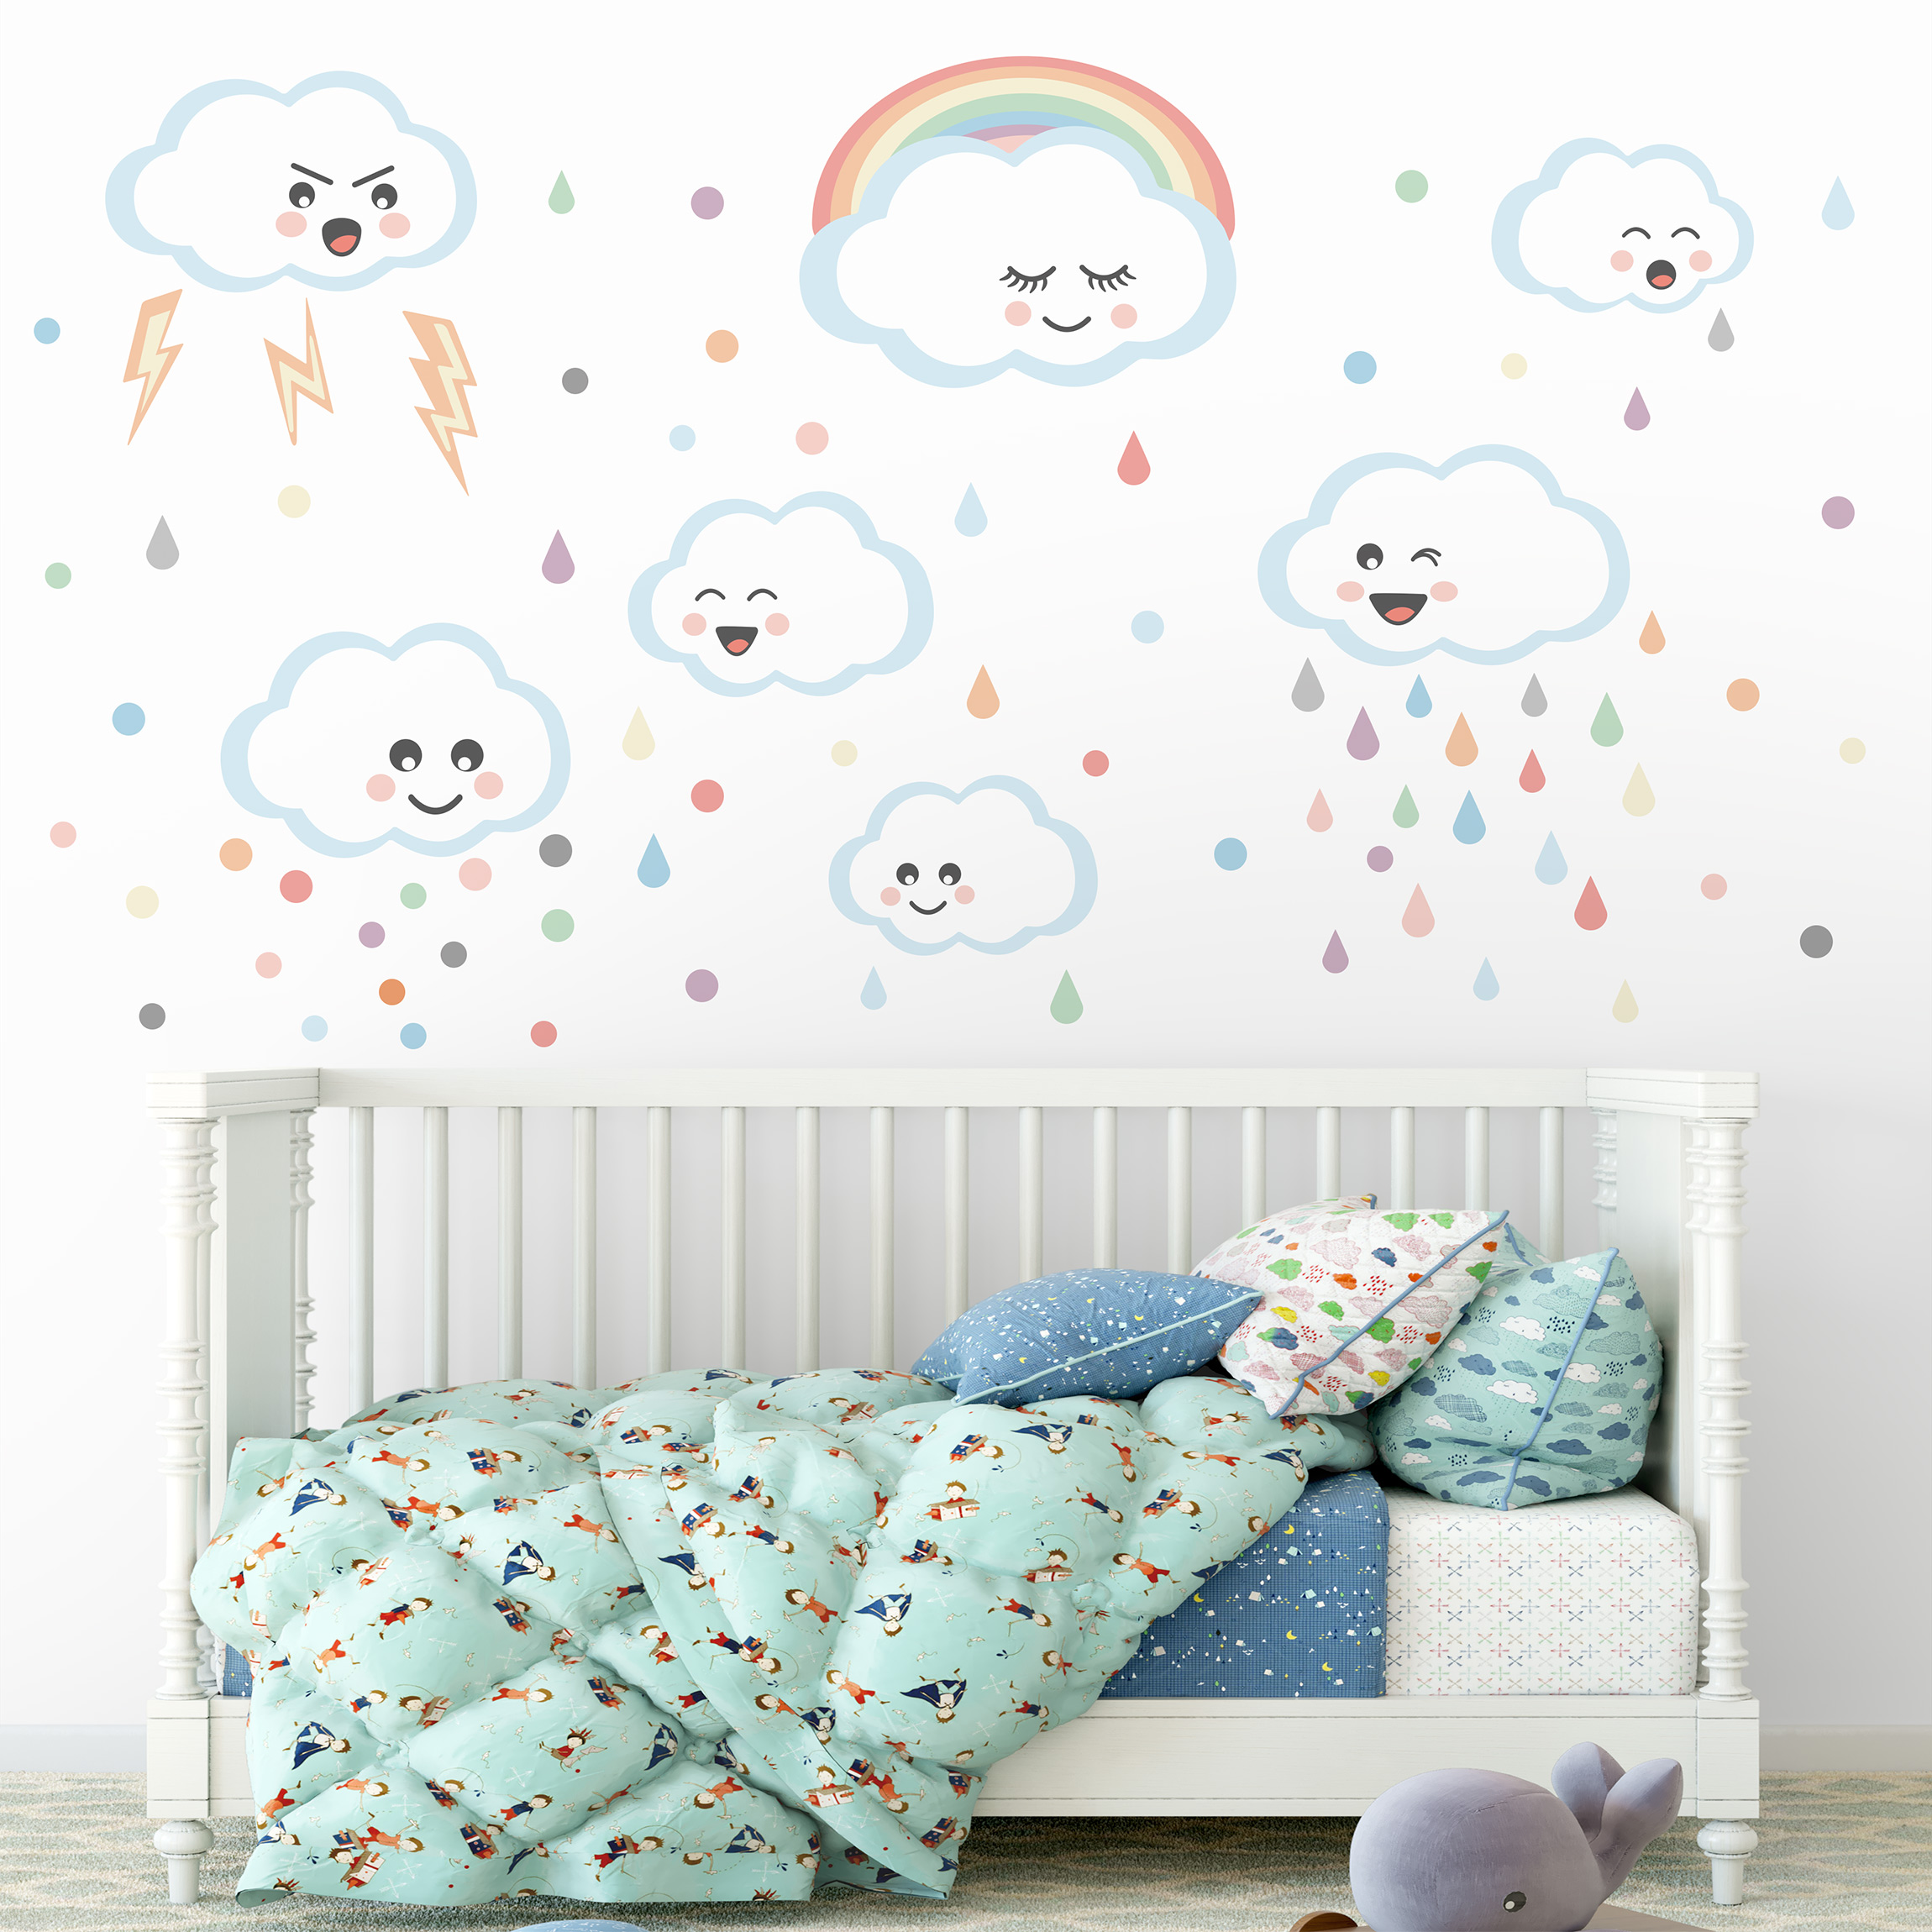 Wandtattoo Wolken mit Gesicht Kinderzimmer Set